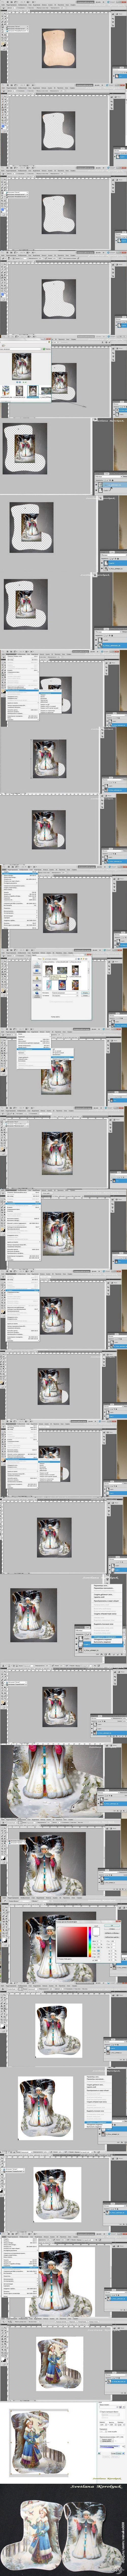 Декупаж - Сайт любителей декупажа - DCPG.RU | Распечатка для фигурной заготовки в ФШ